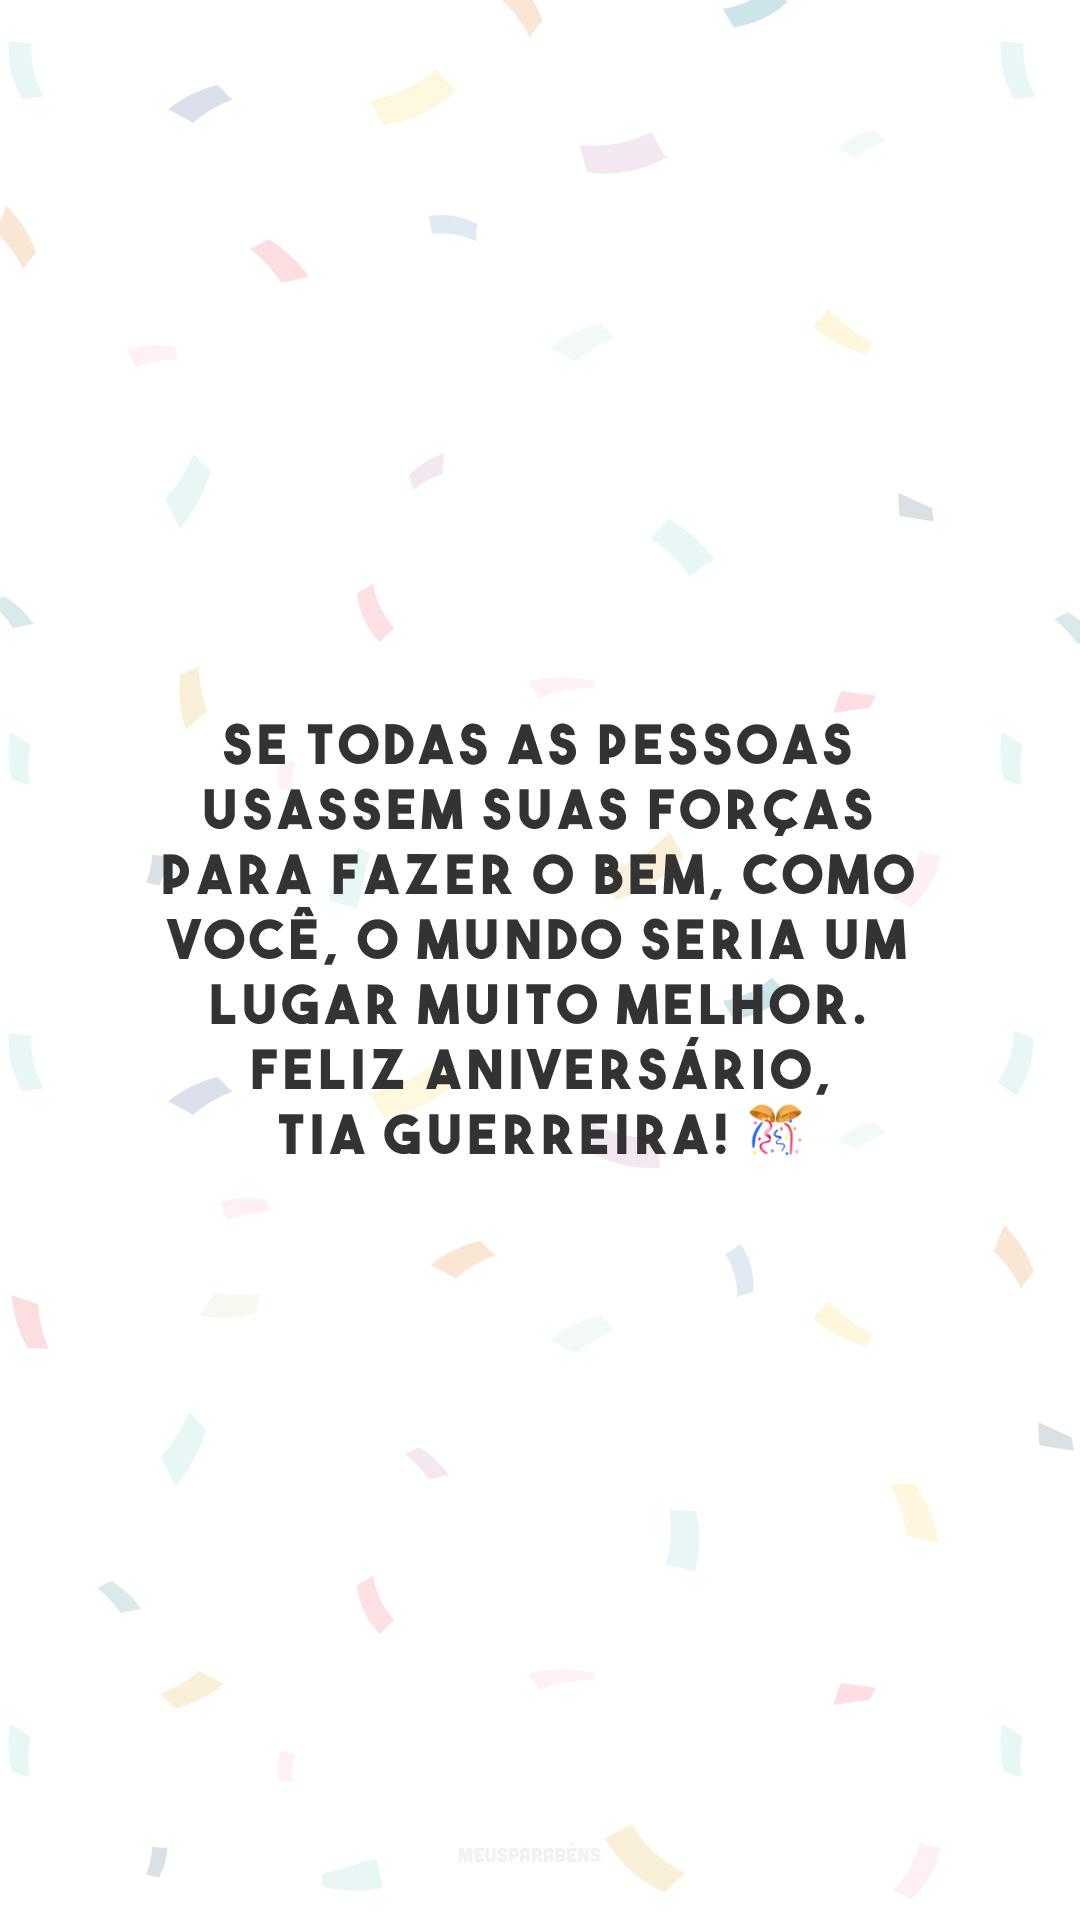 Se todas as pessoas usassem suas forças para fazer o bem, como você, o mundo seria um lugar muito melhor. Feliz aniversário, tia guerreira! 🎊